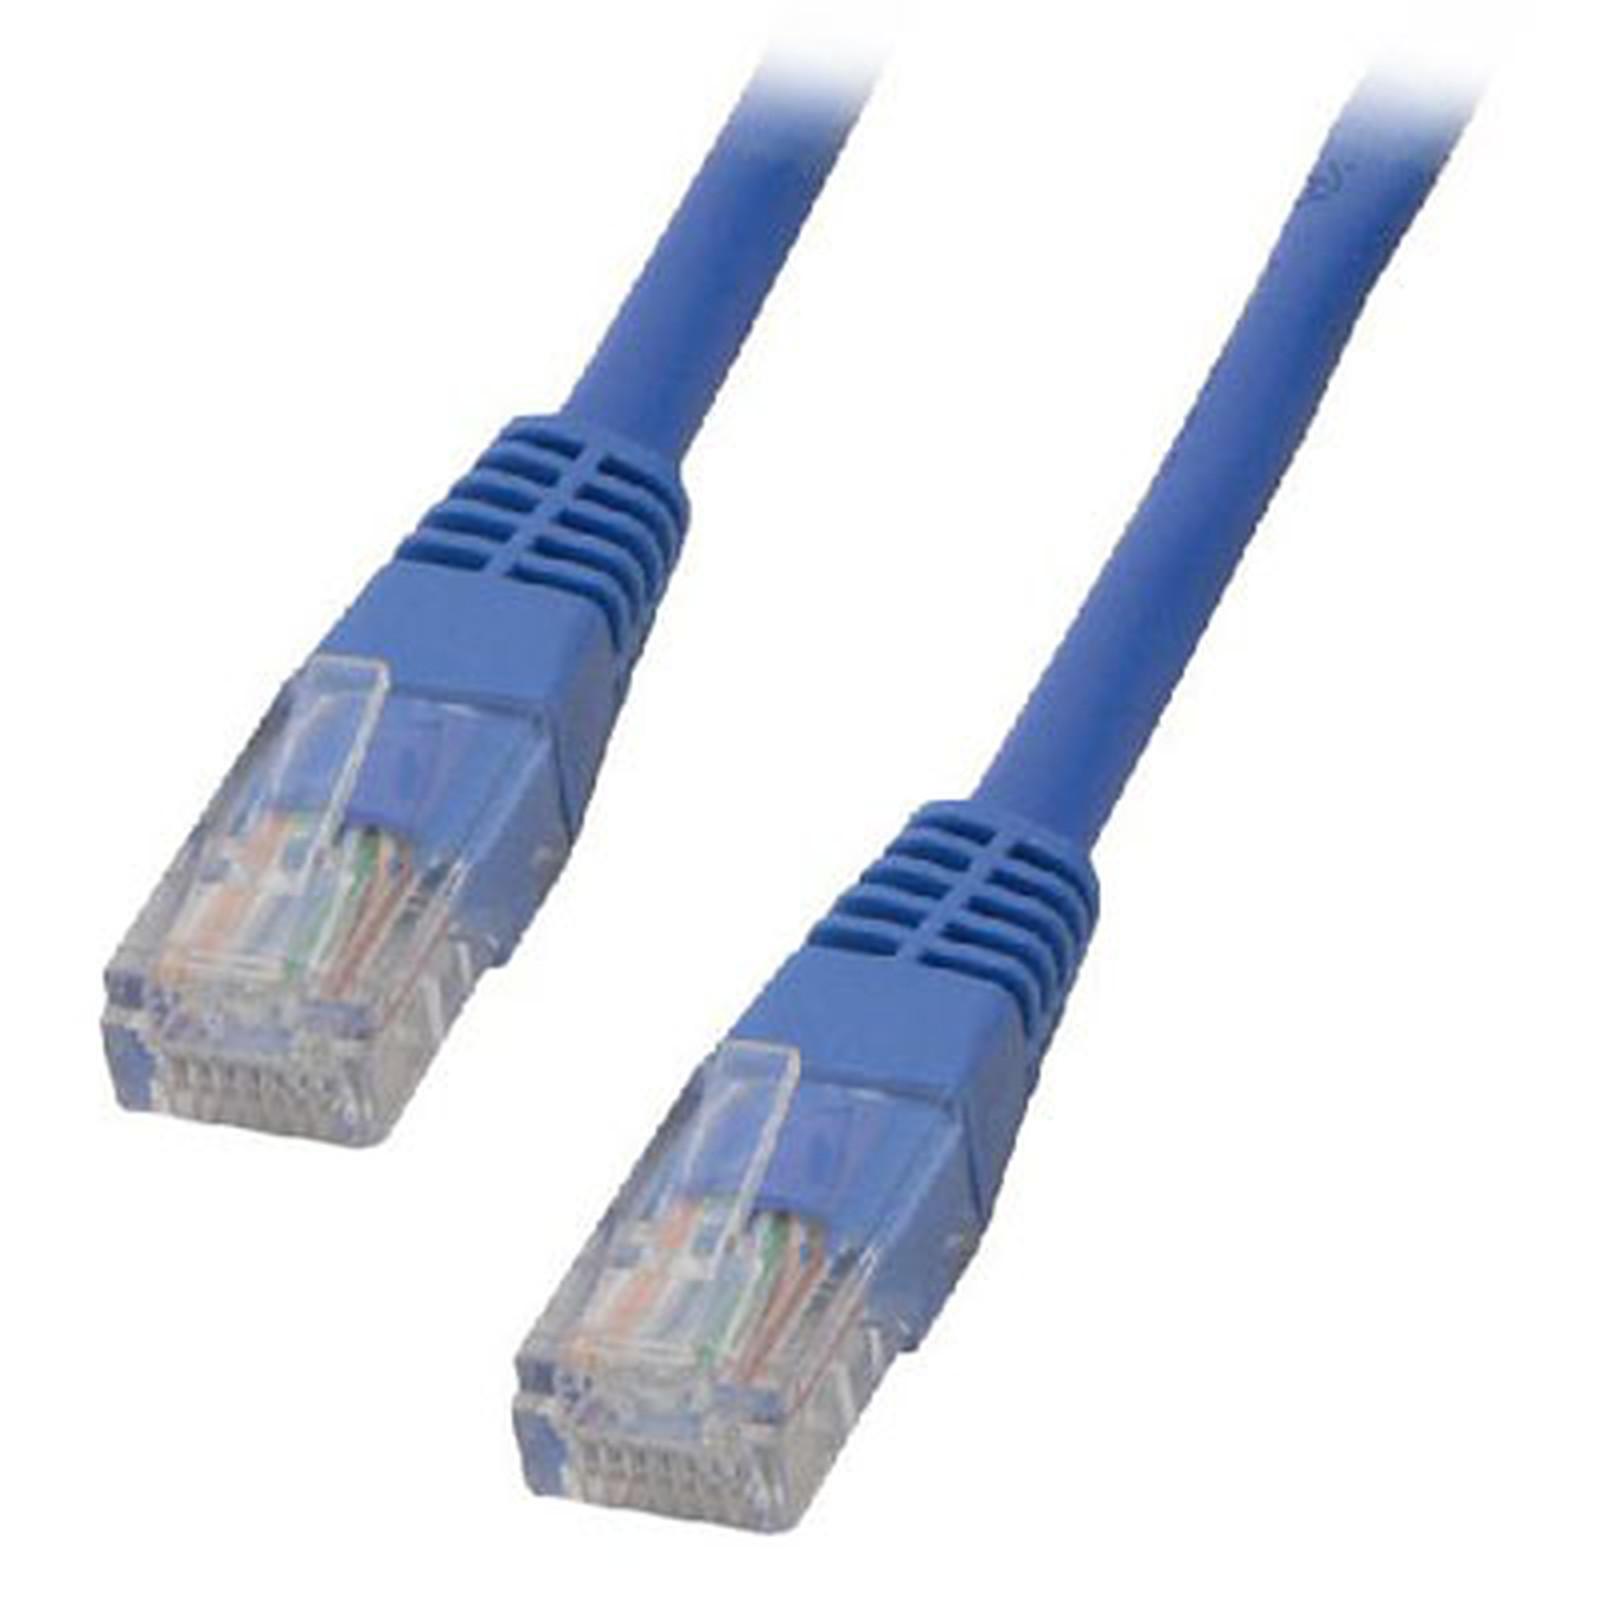 Câble RJ45 catégorie 5e U/UTP 2 m (Bleu)